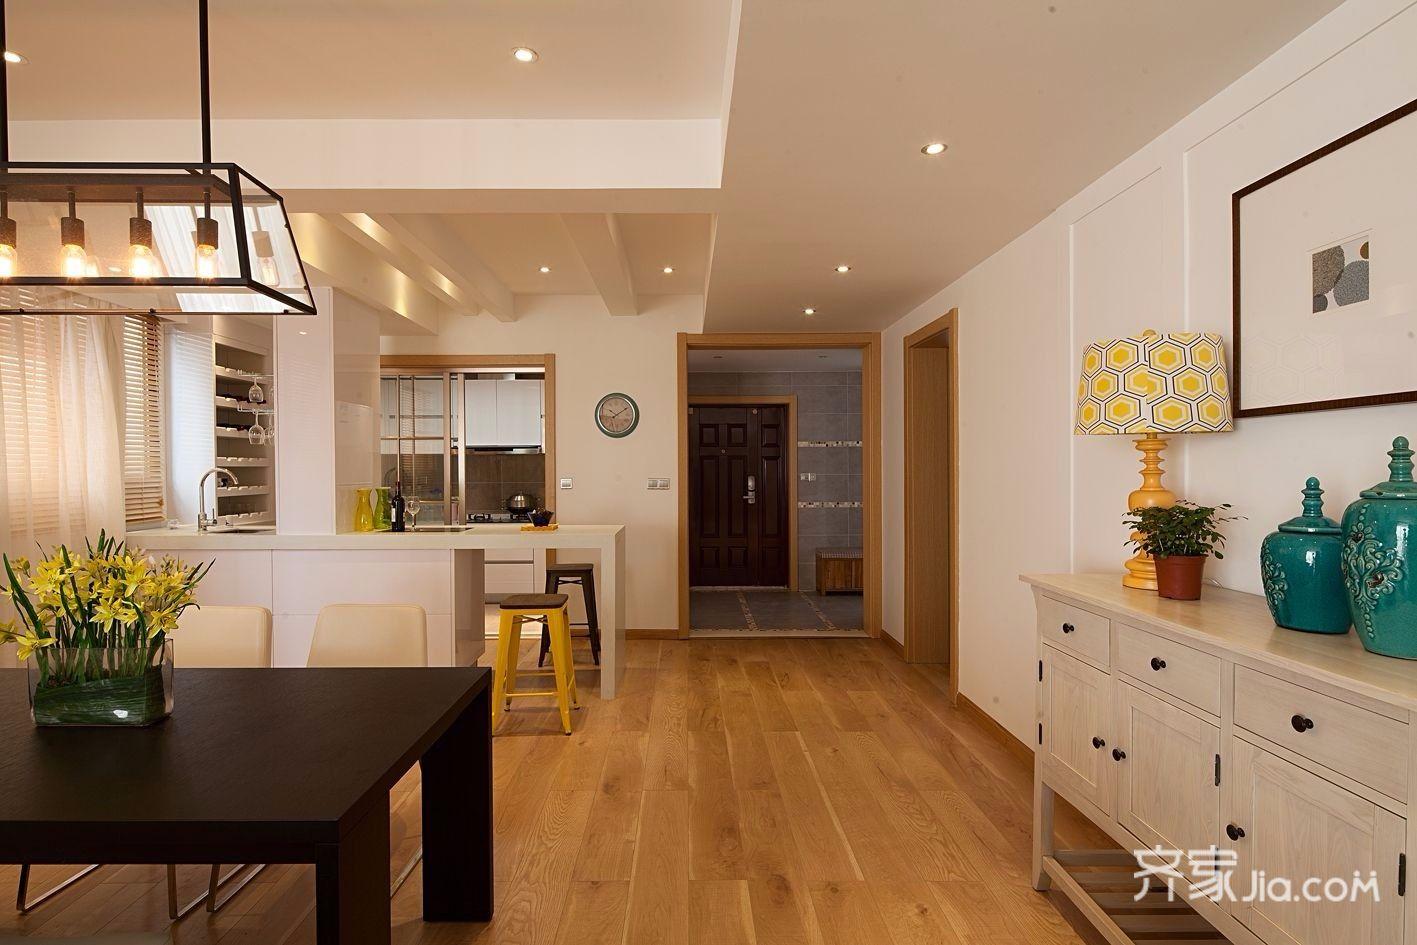 130平现代简约三居厨房装修效果图